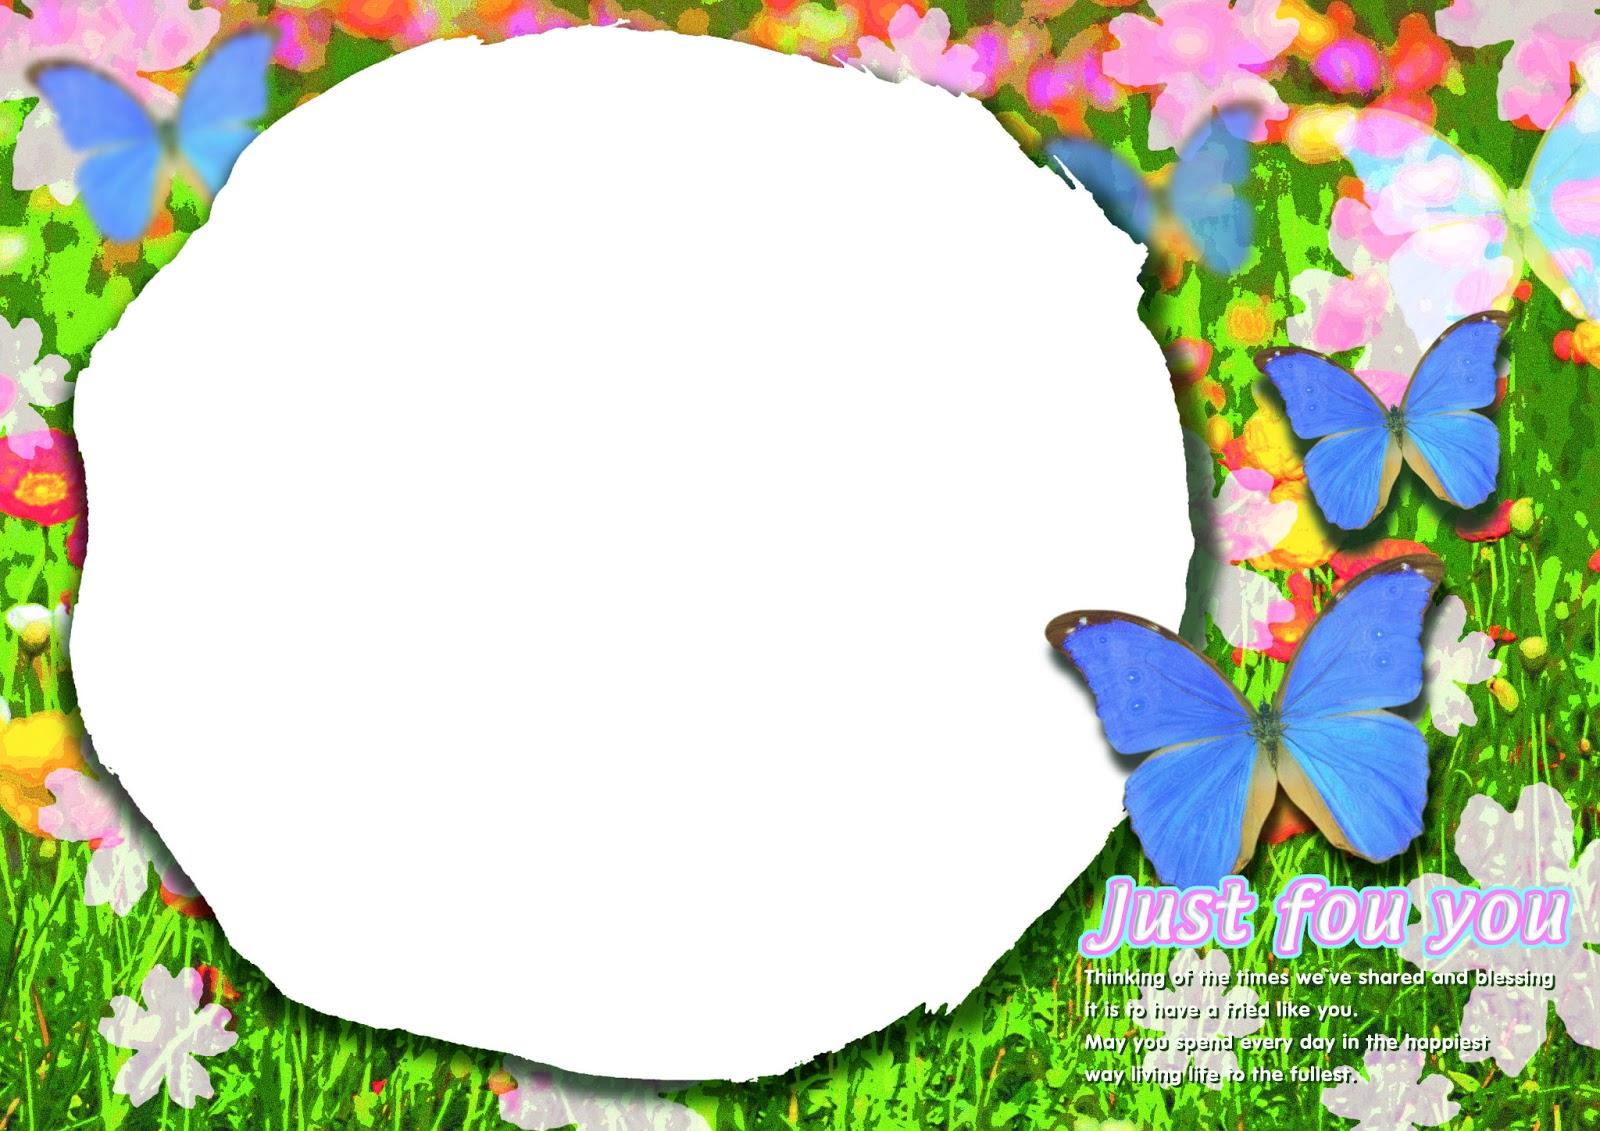 Gambar Background Kupu-kupu , Gambar Bingkai Foto Kupu-kupu